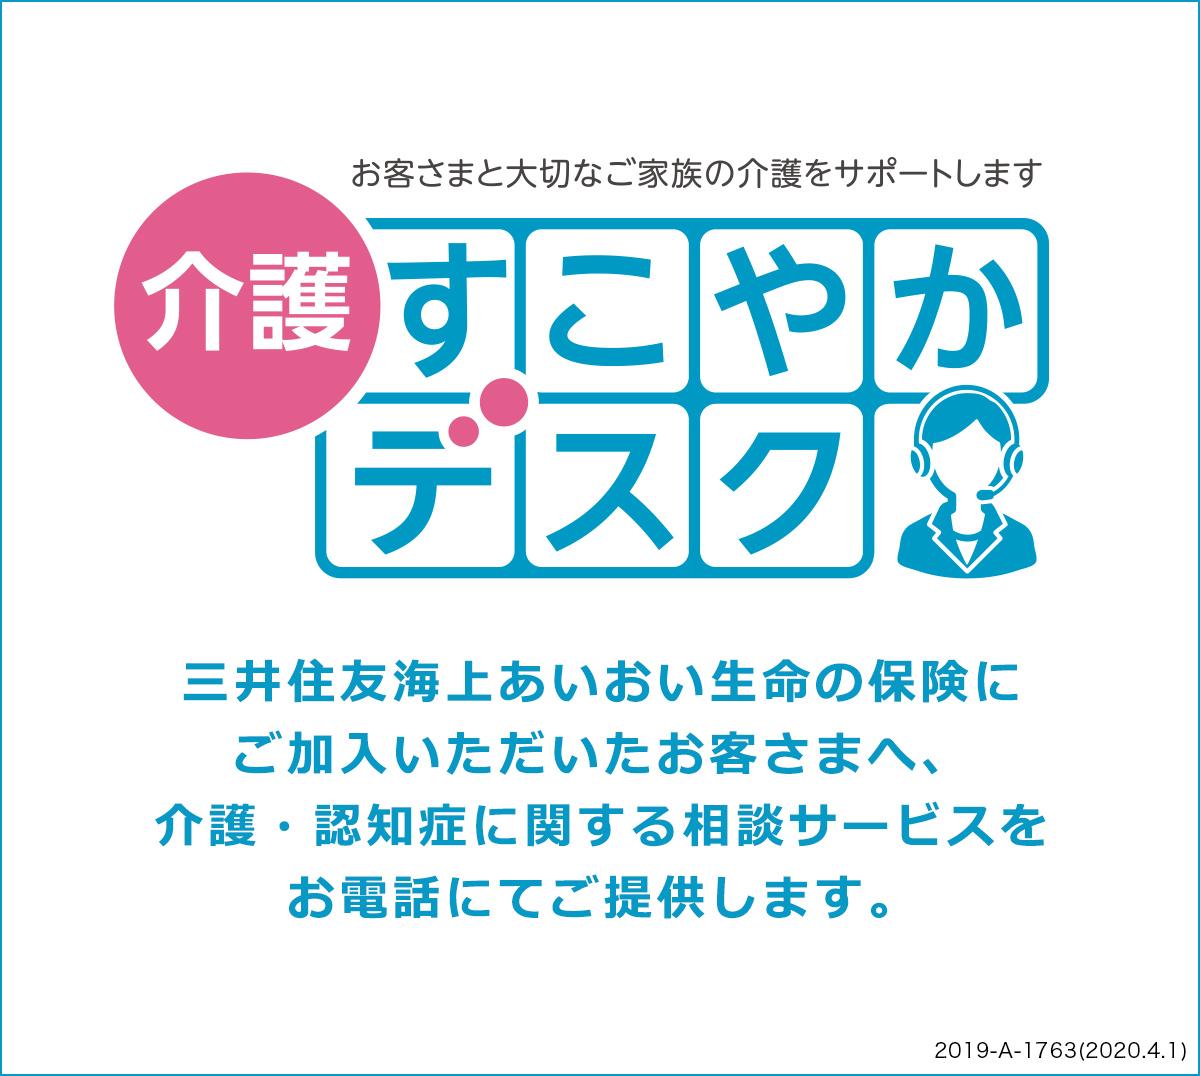 住友 あいおい 三井 アンケート 海上 生命